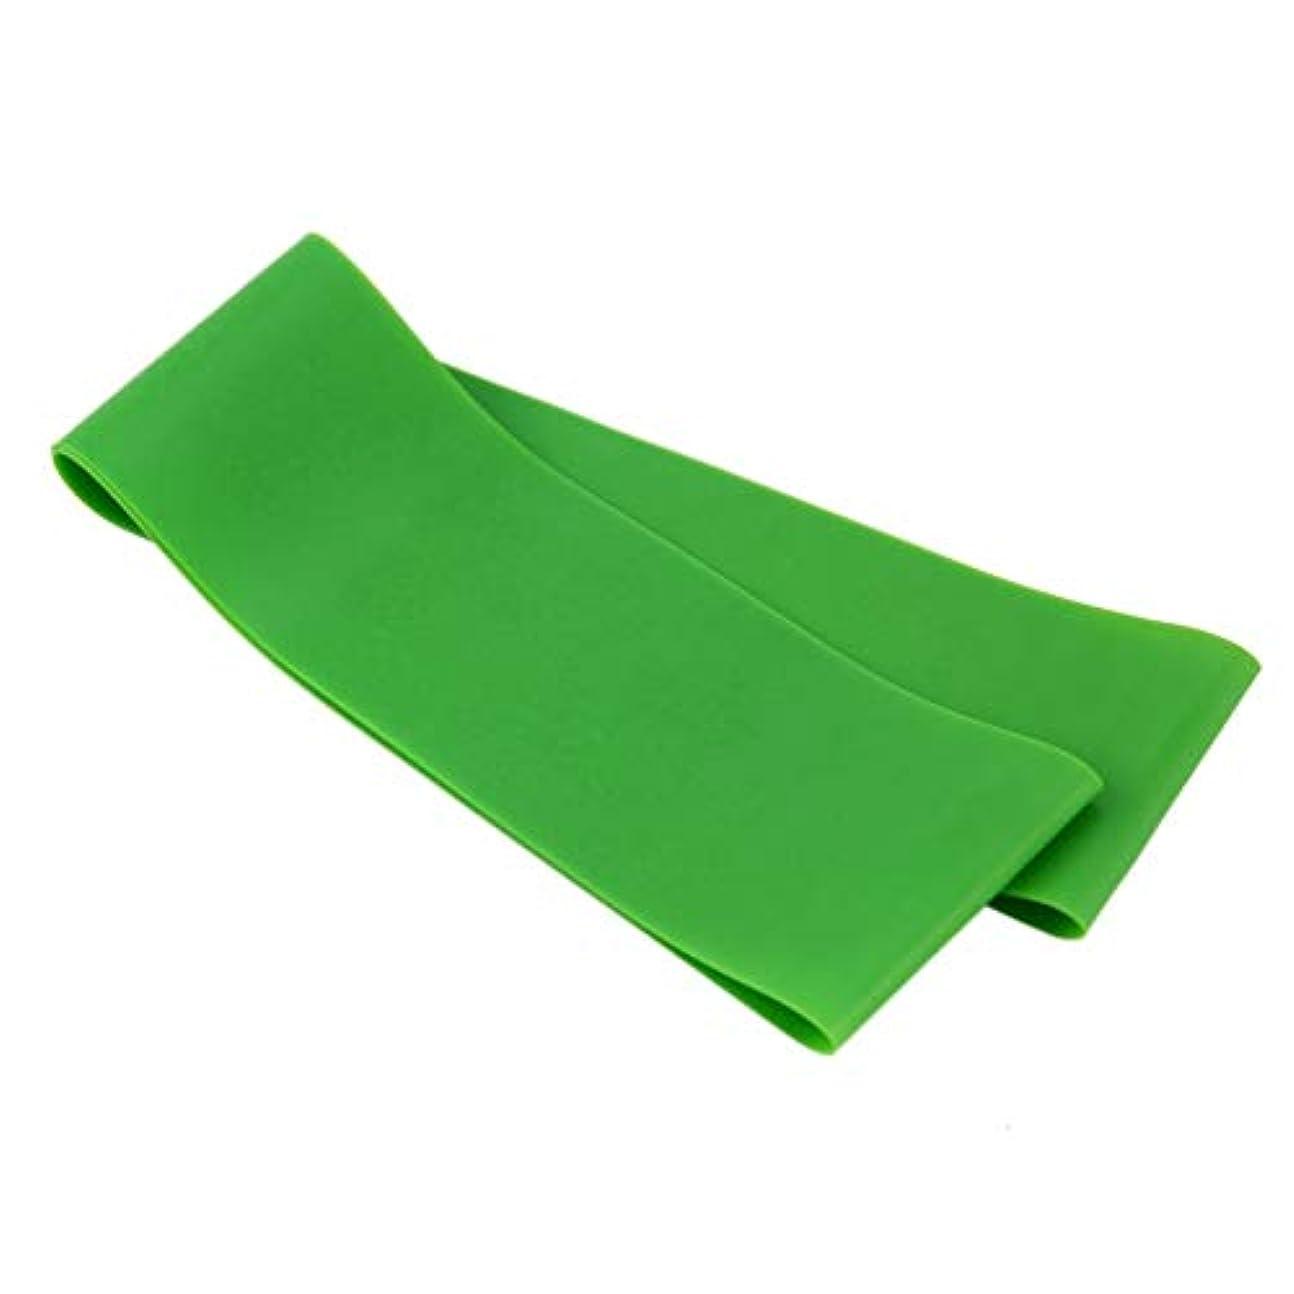 敵意罪衣類滑り止め伸縮性ゴム弾性ヨガベルトバンドプルロープ張力抵抗バンドループ強度のためのフィットネスヨガツール - グリーン